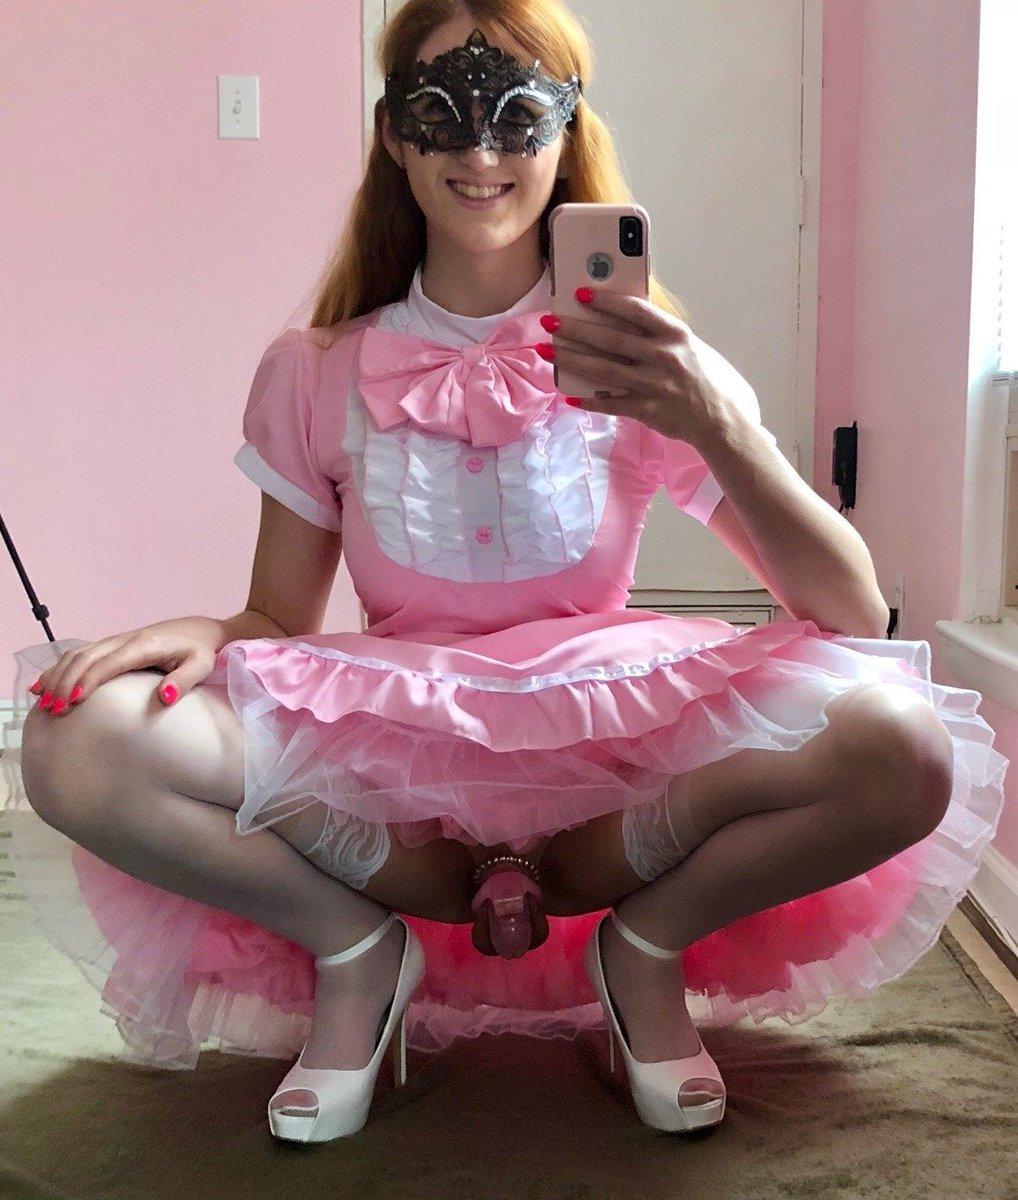 Pink Eyed Sissies